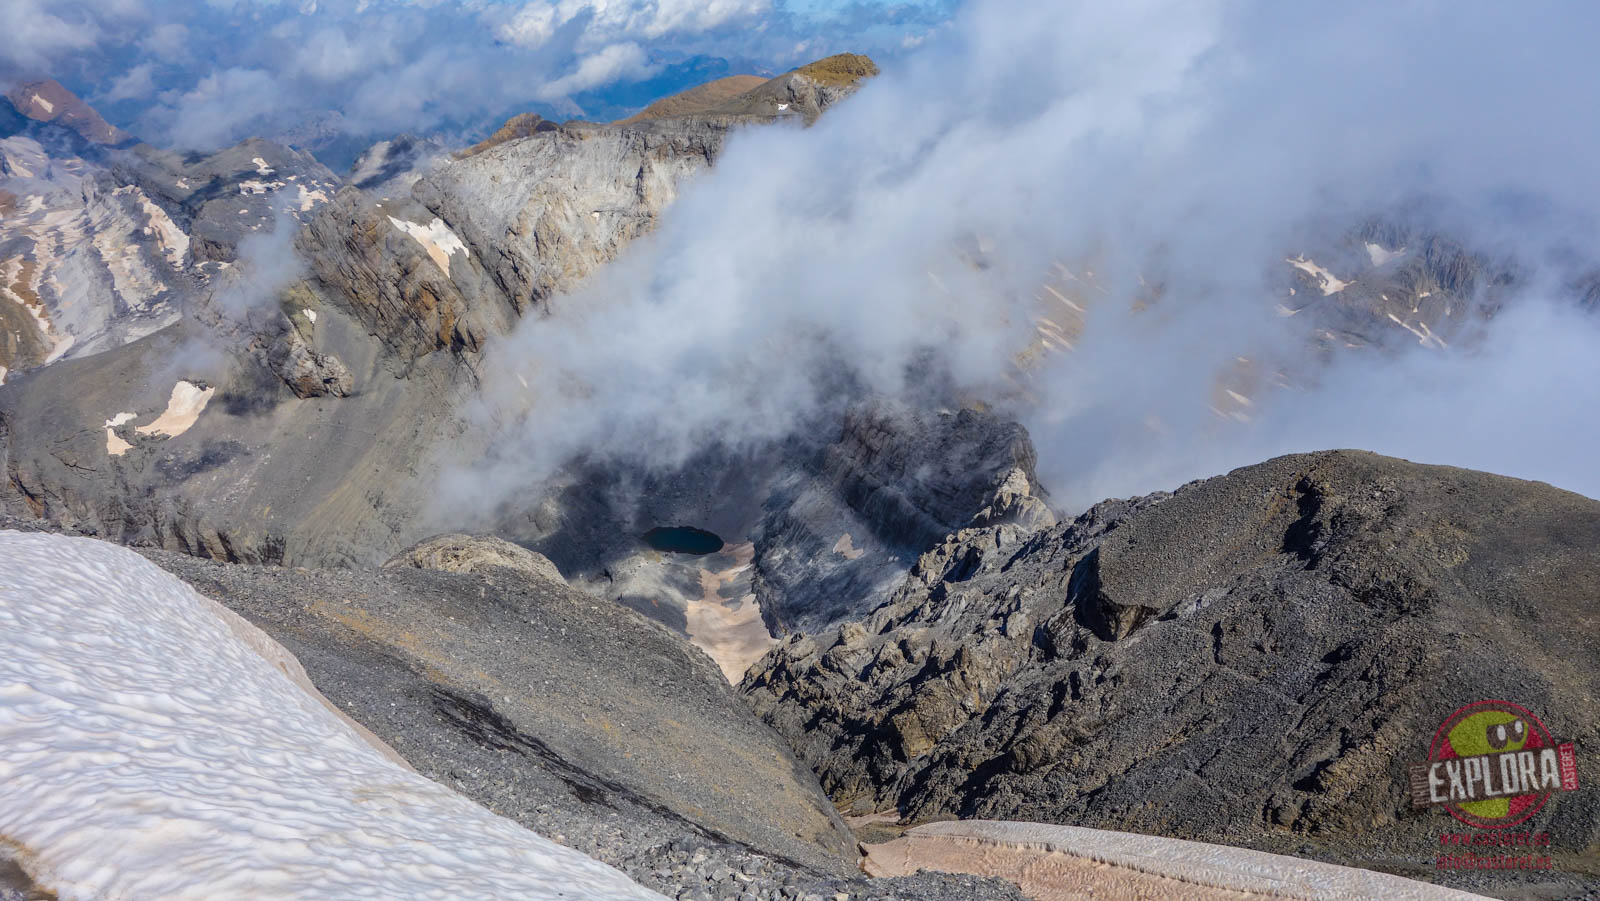 Guías Ordesa y Monte Perdido - Casteret